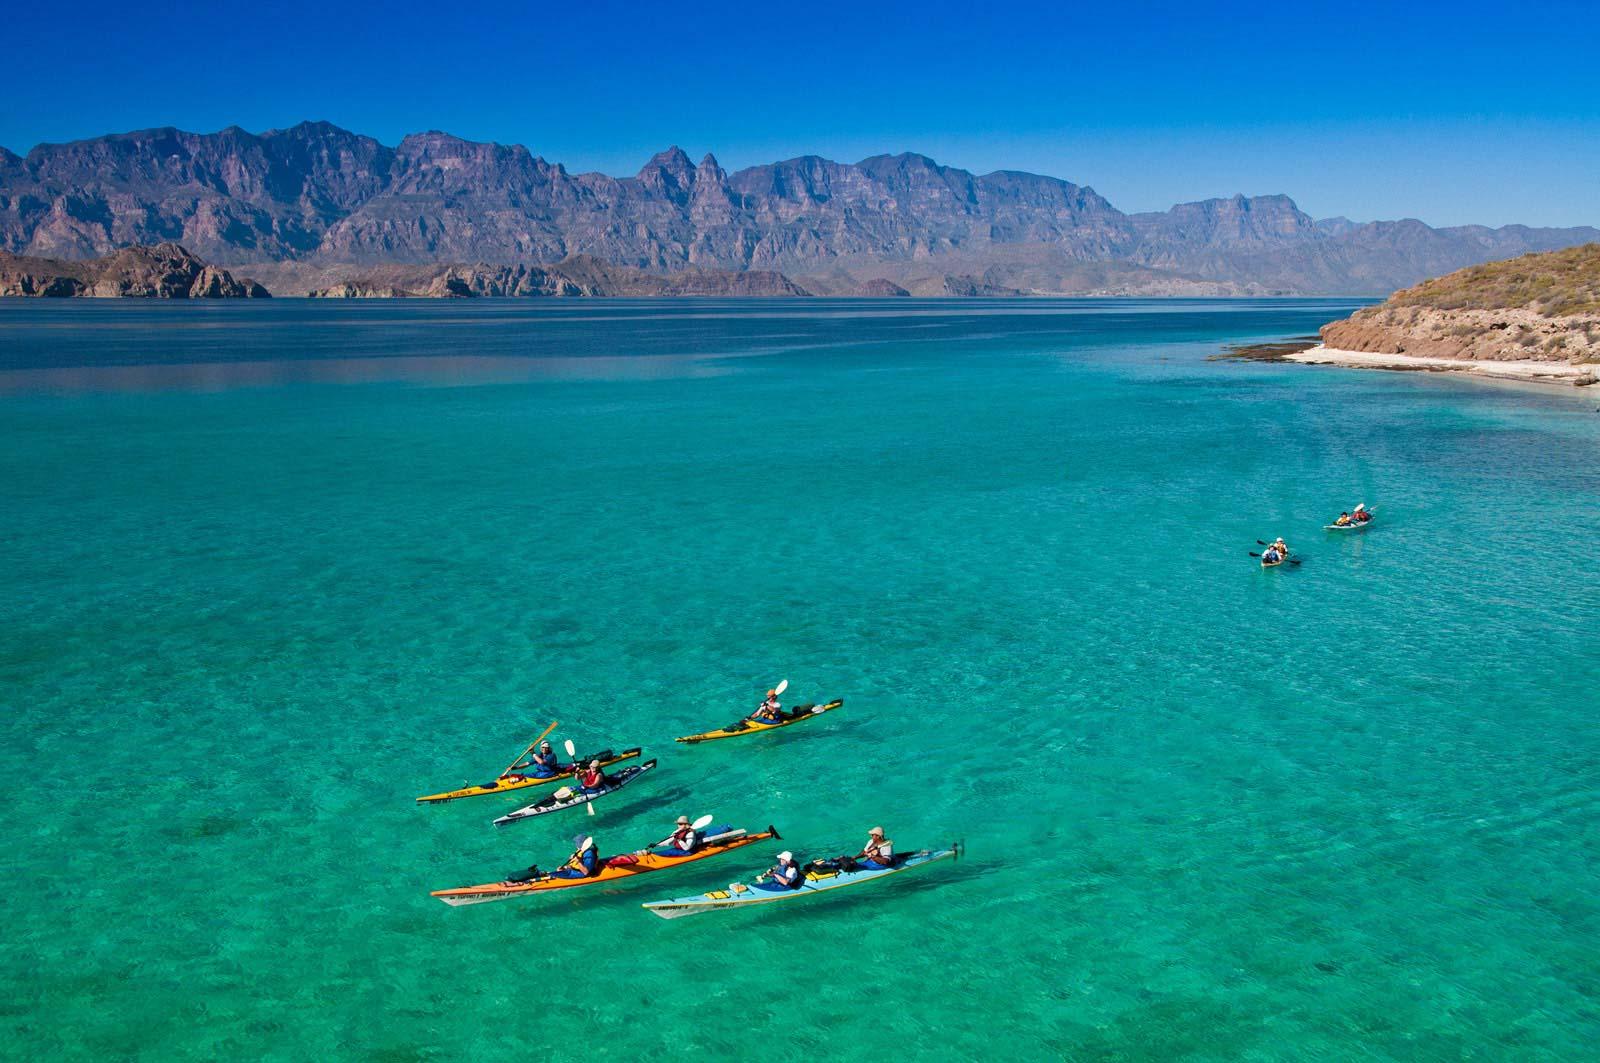 Loreto es considerado el primer asentamiento humano de Baja California Sur.